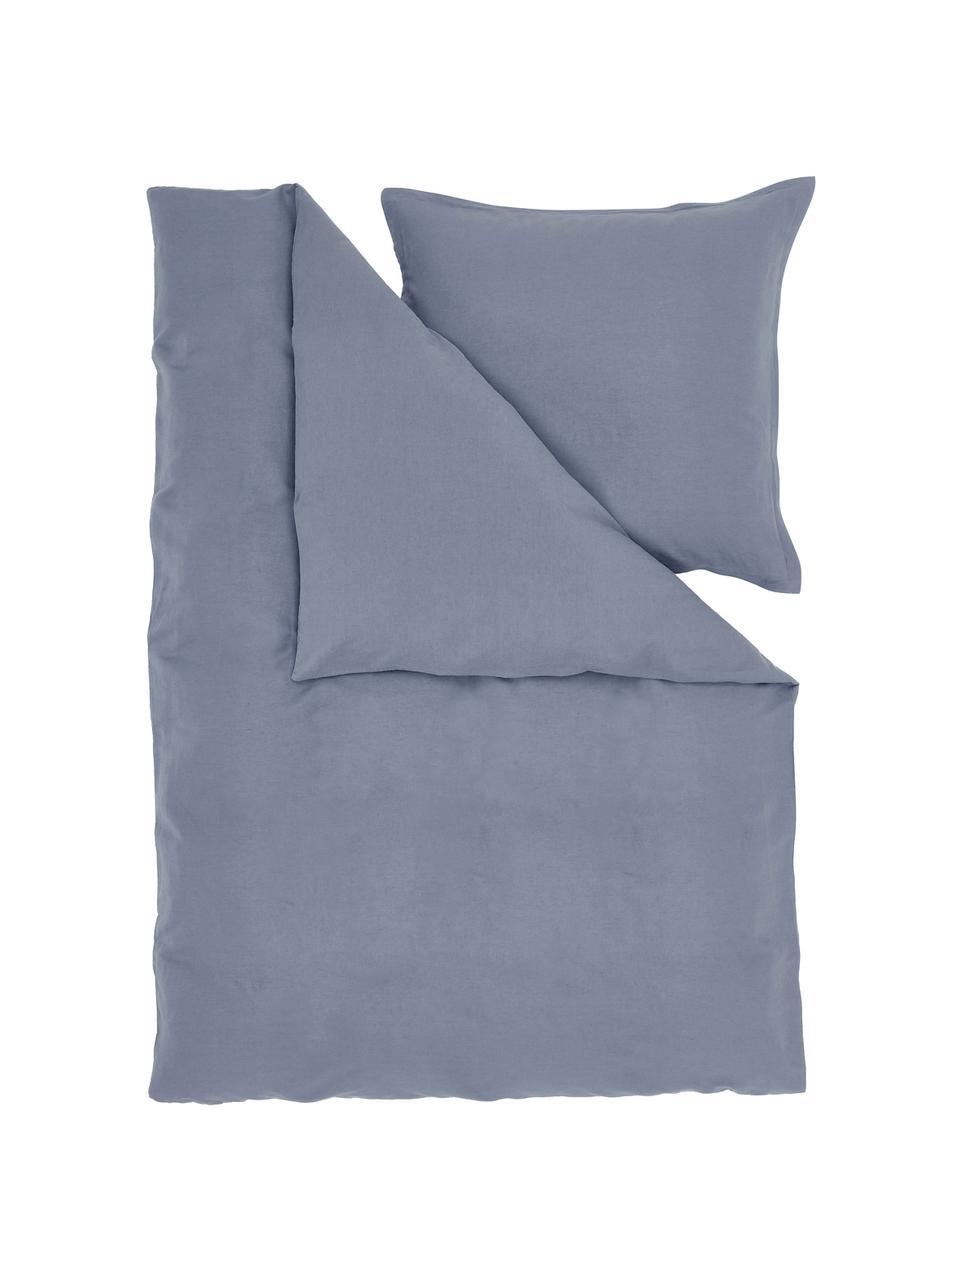 Pościel z lnu z efektem sprania Nature, Niebieski, 135 x 200 cm + 1 poduszka 80 x 80 cm